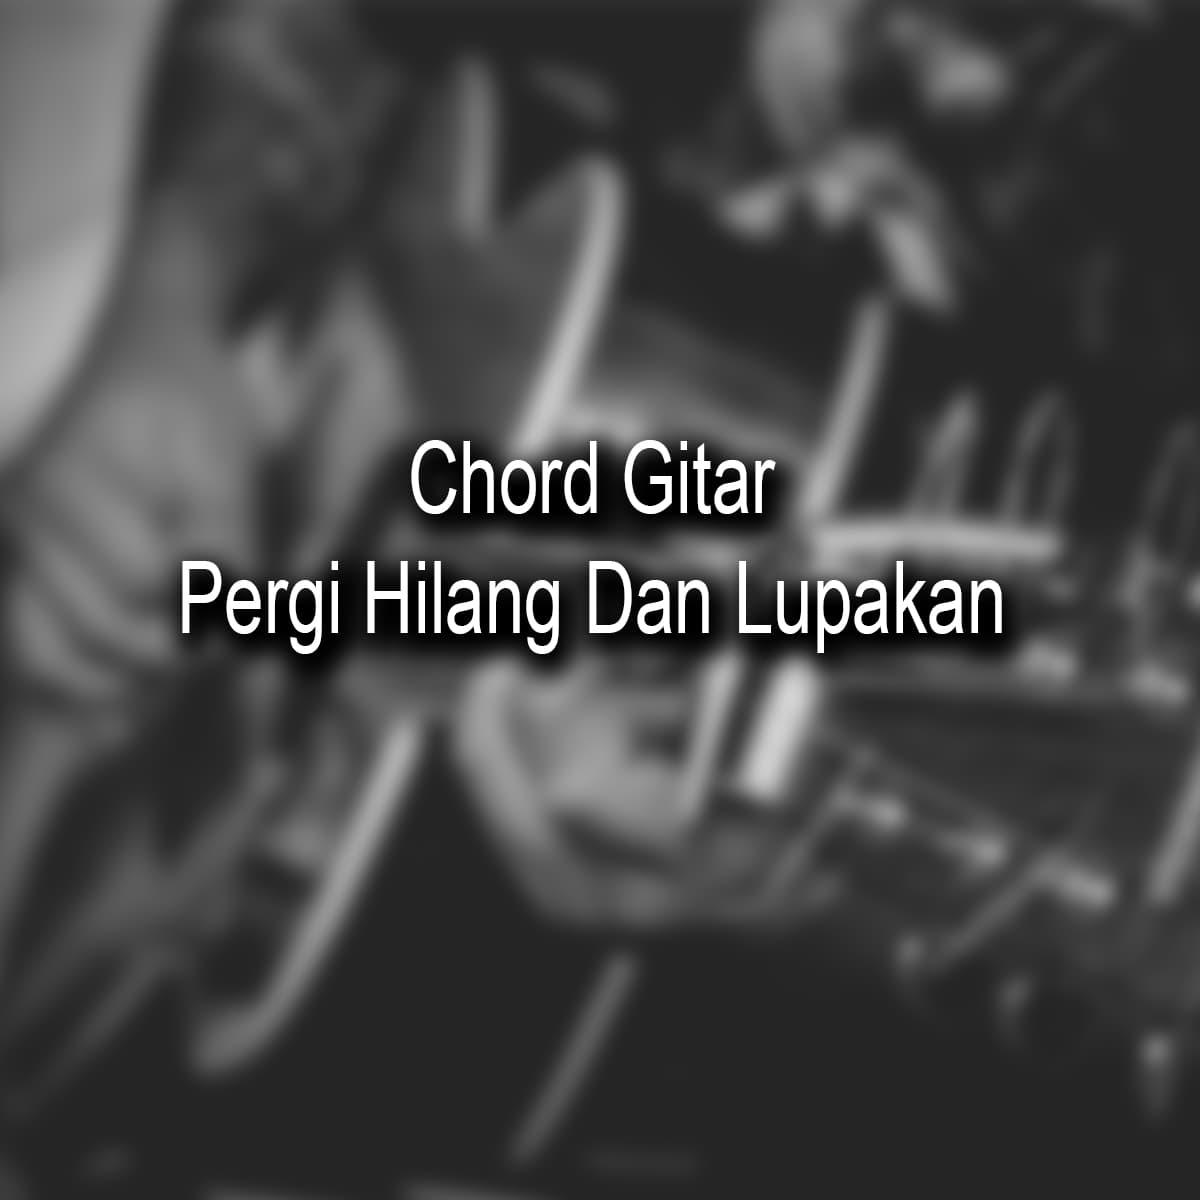 Chord Gitar Pergi Hilang Dan Lupakan